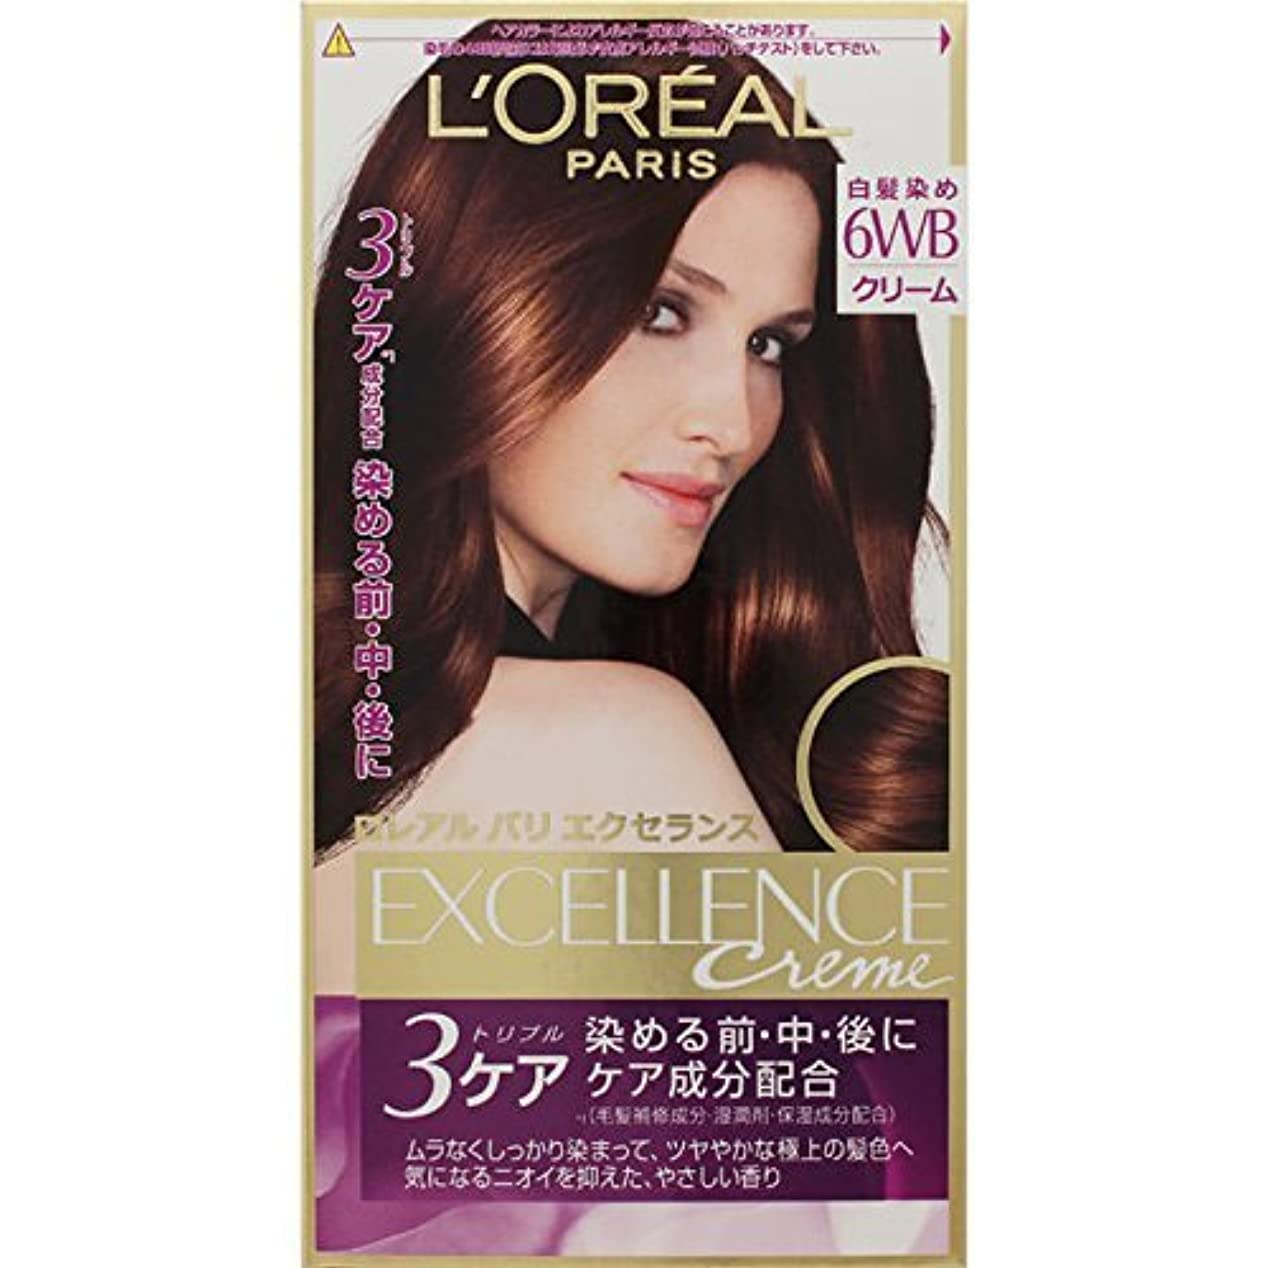 チートピース傑作ロレアル パリ ヘアカラー 白髪染め エクセランス N クリームタイプ 6WB ウォーム系のやや明るい栗色